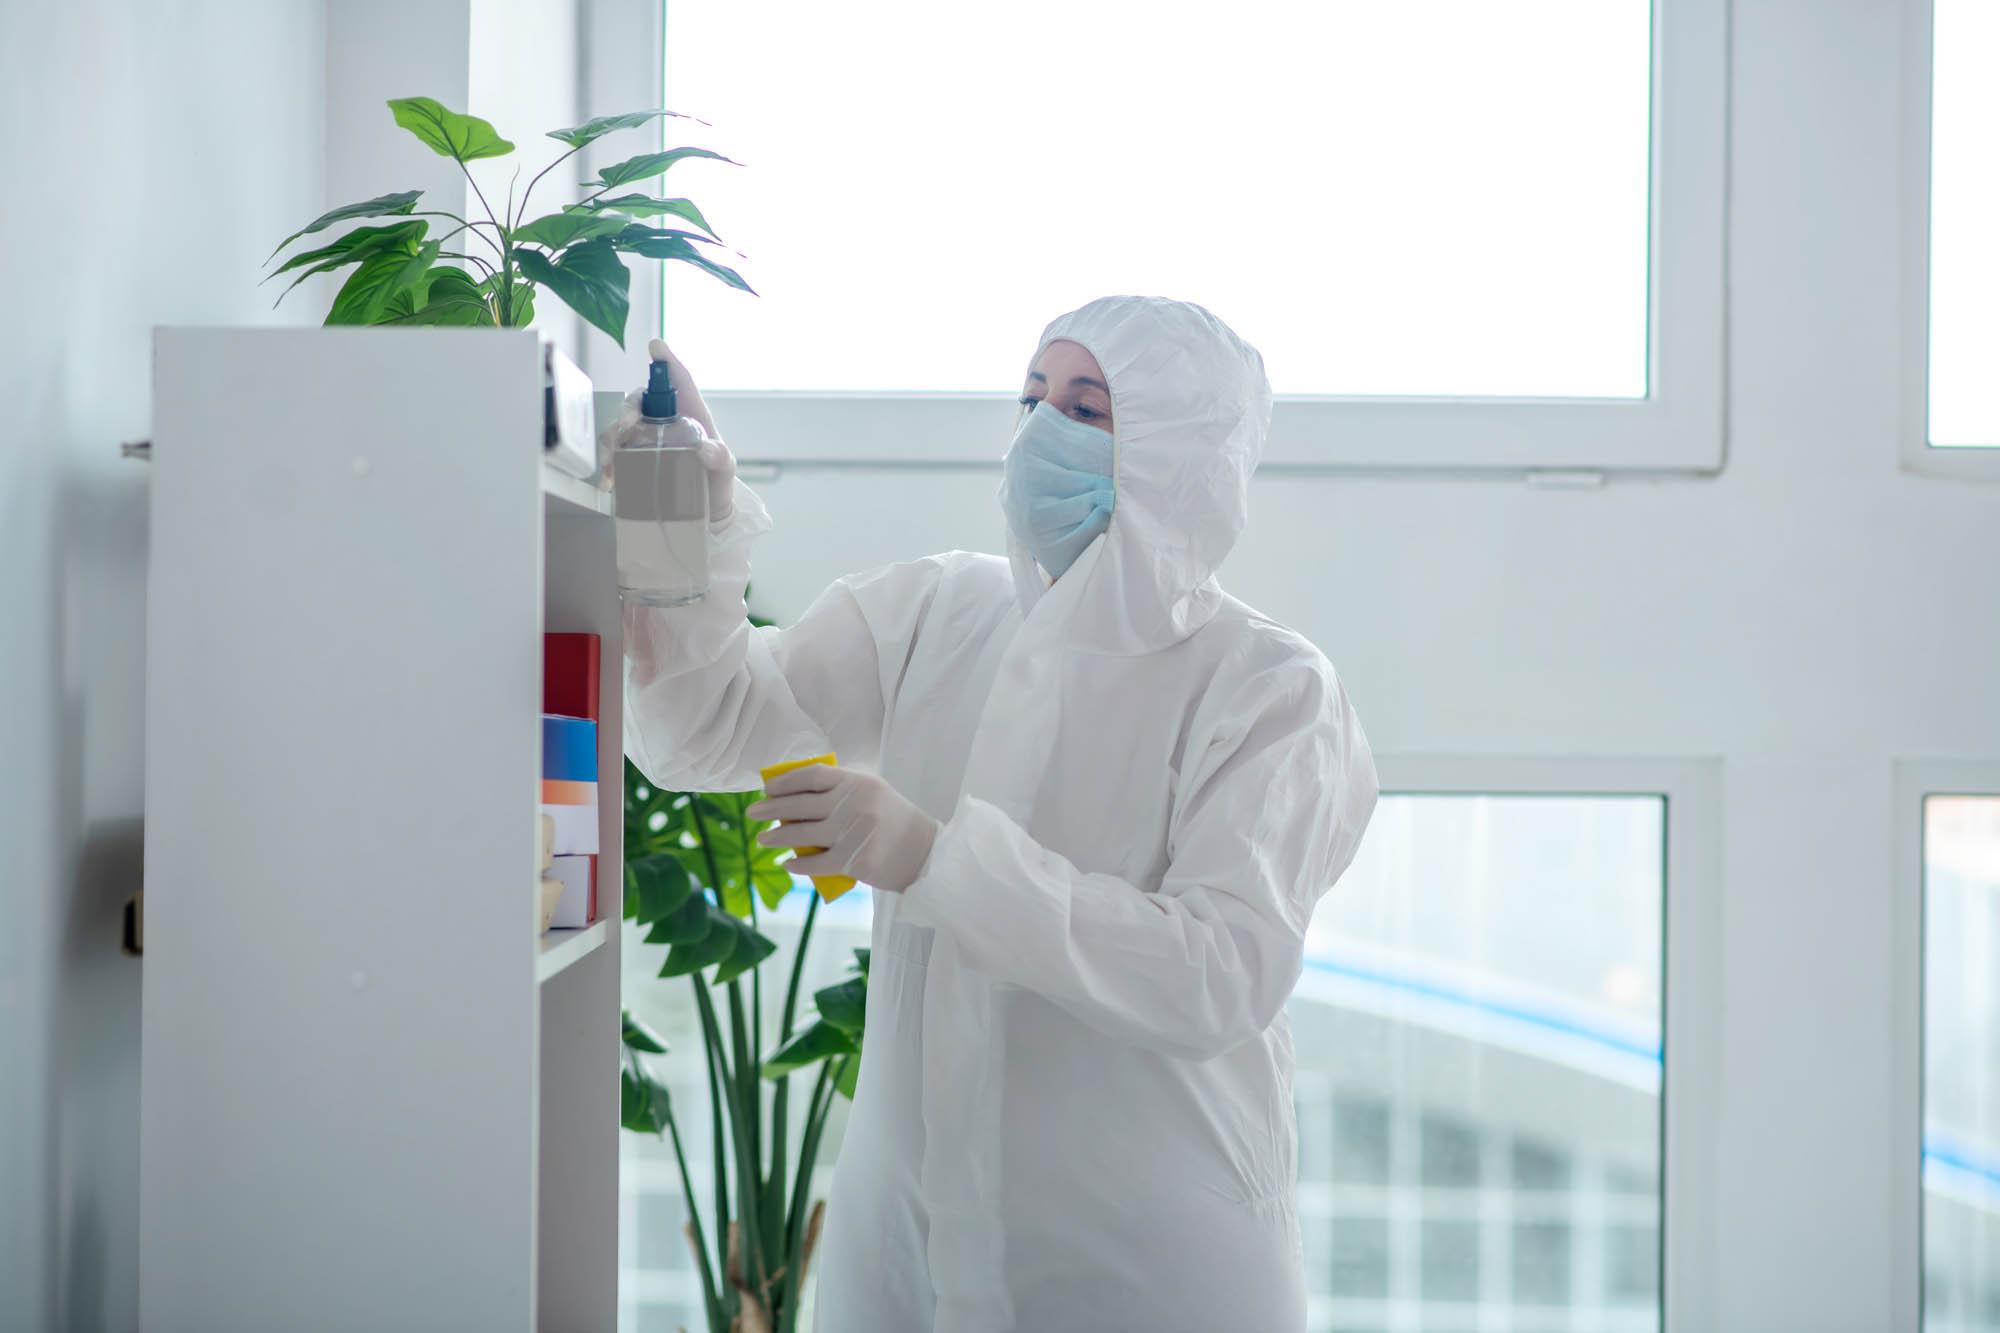 sanificazione merano - Desinfektion